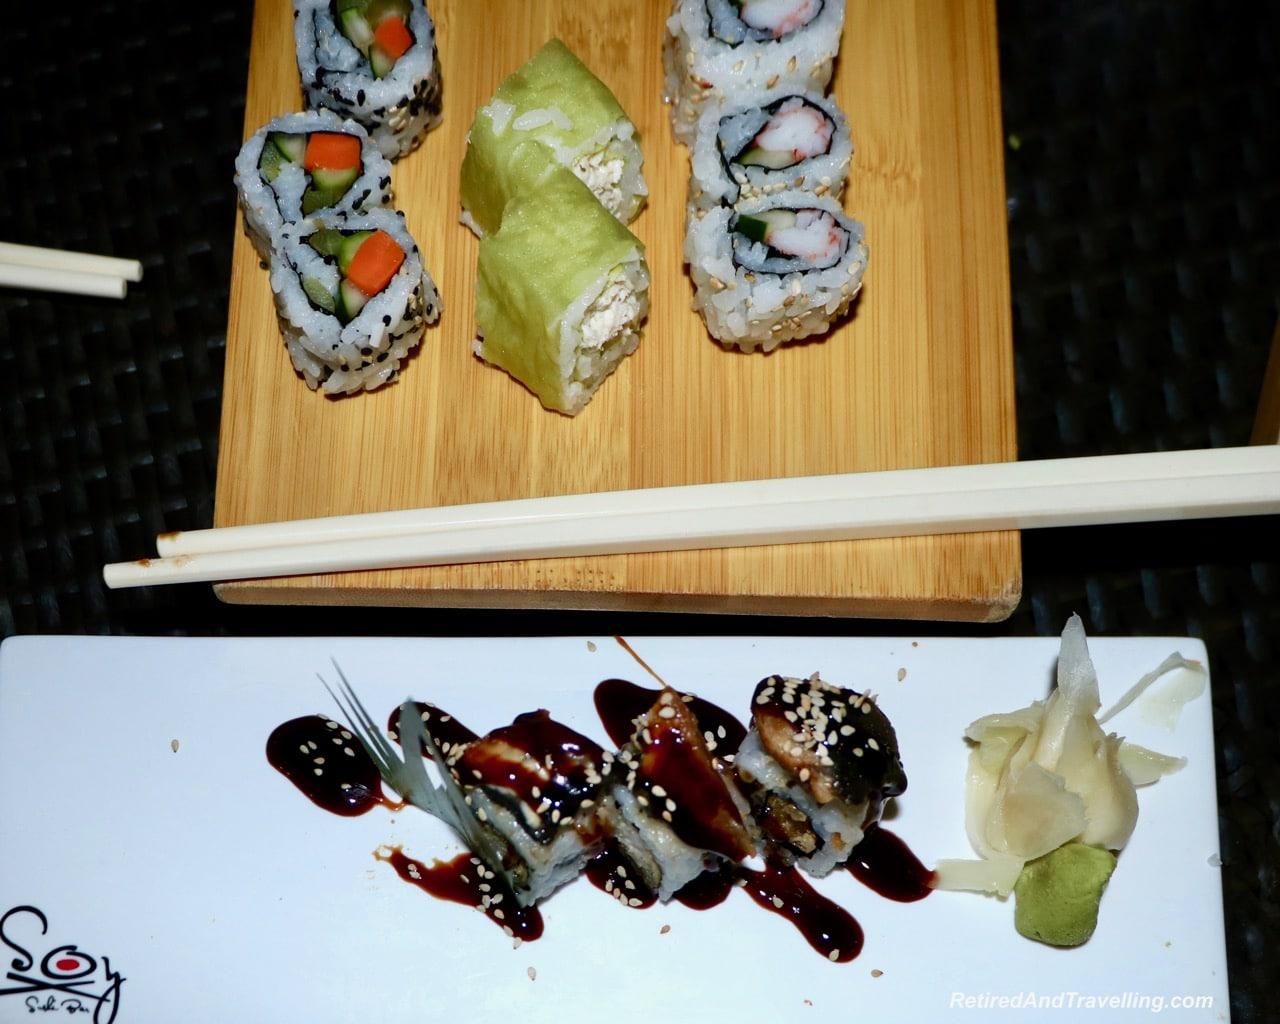 Sandals Regency La Toc Sushi Restaurant Soy - A Week In St. Lucia.jpg